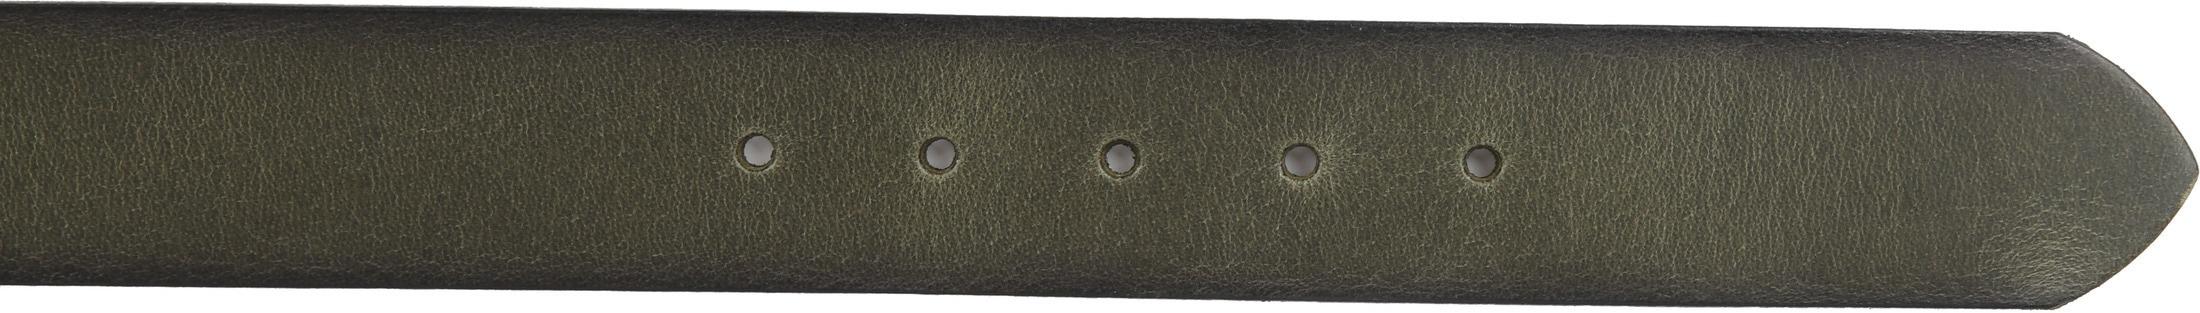 Suitable Leder Gürtel Grün Washed foto 2